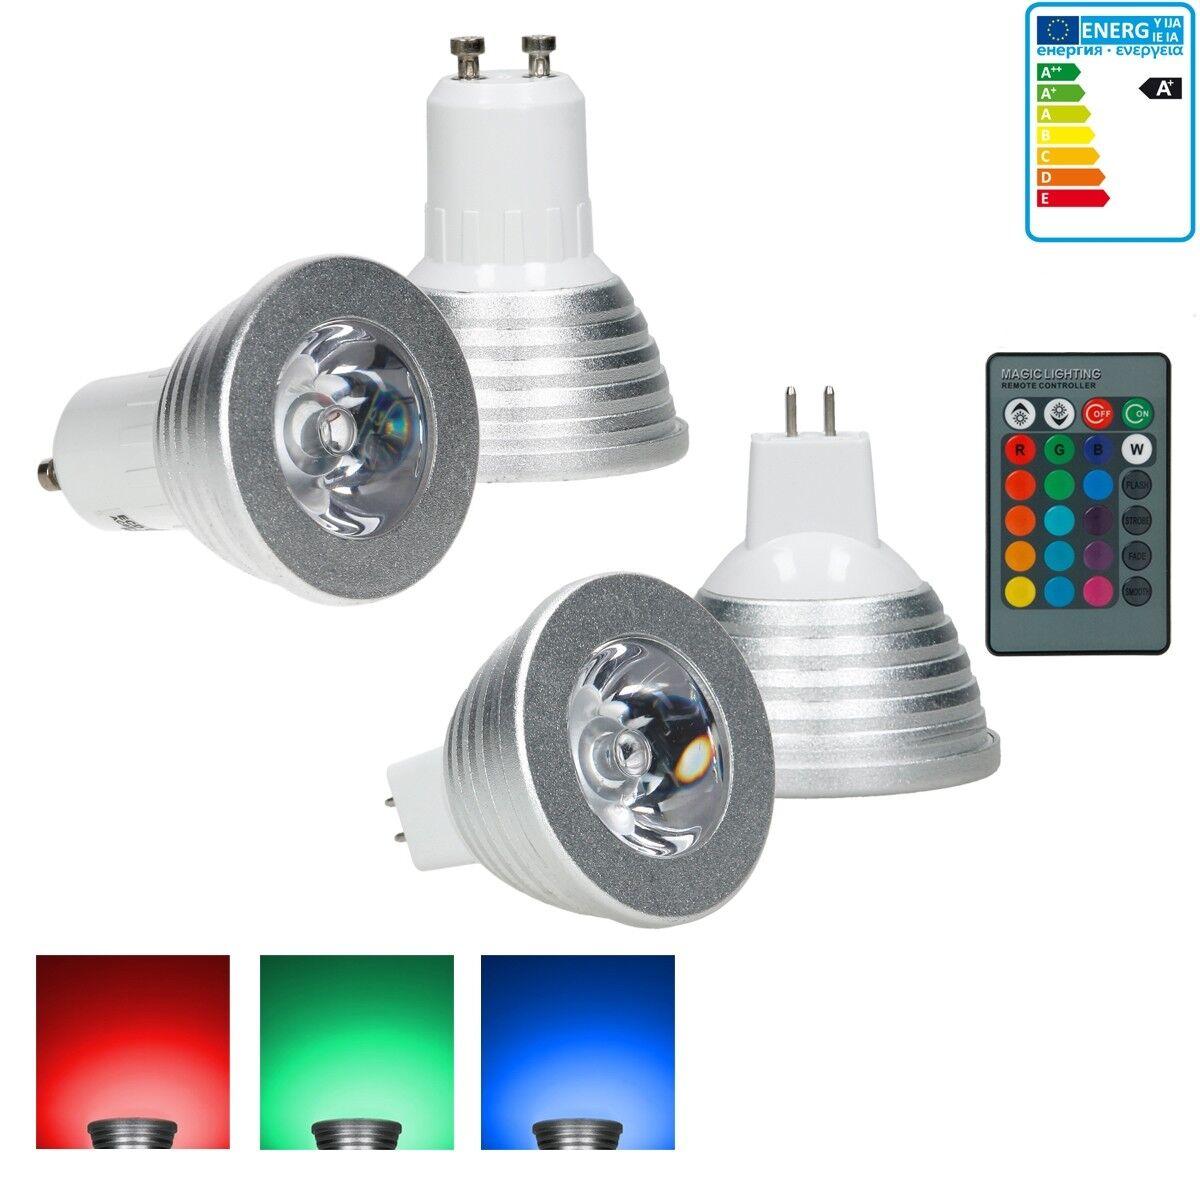 10x MR16 GU10 RGB 3W Lampadine LED spot + telecomando cambiamento colorei